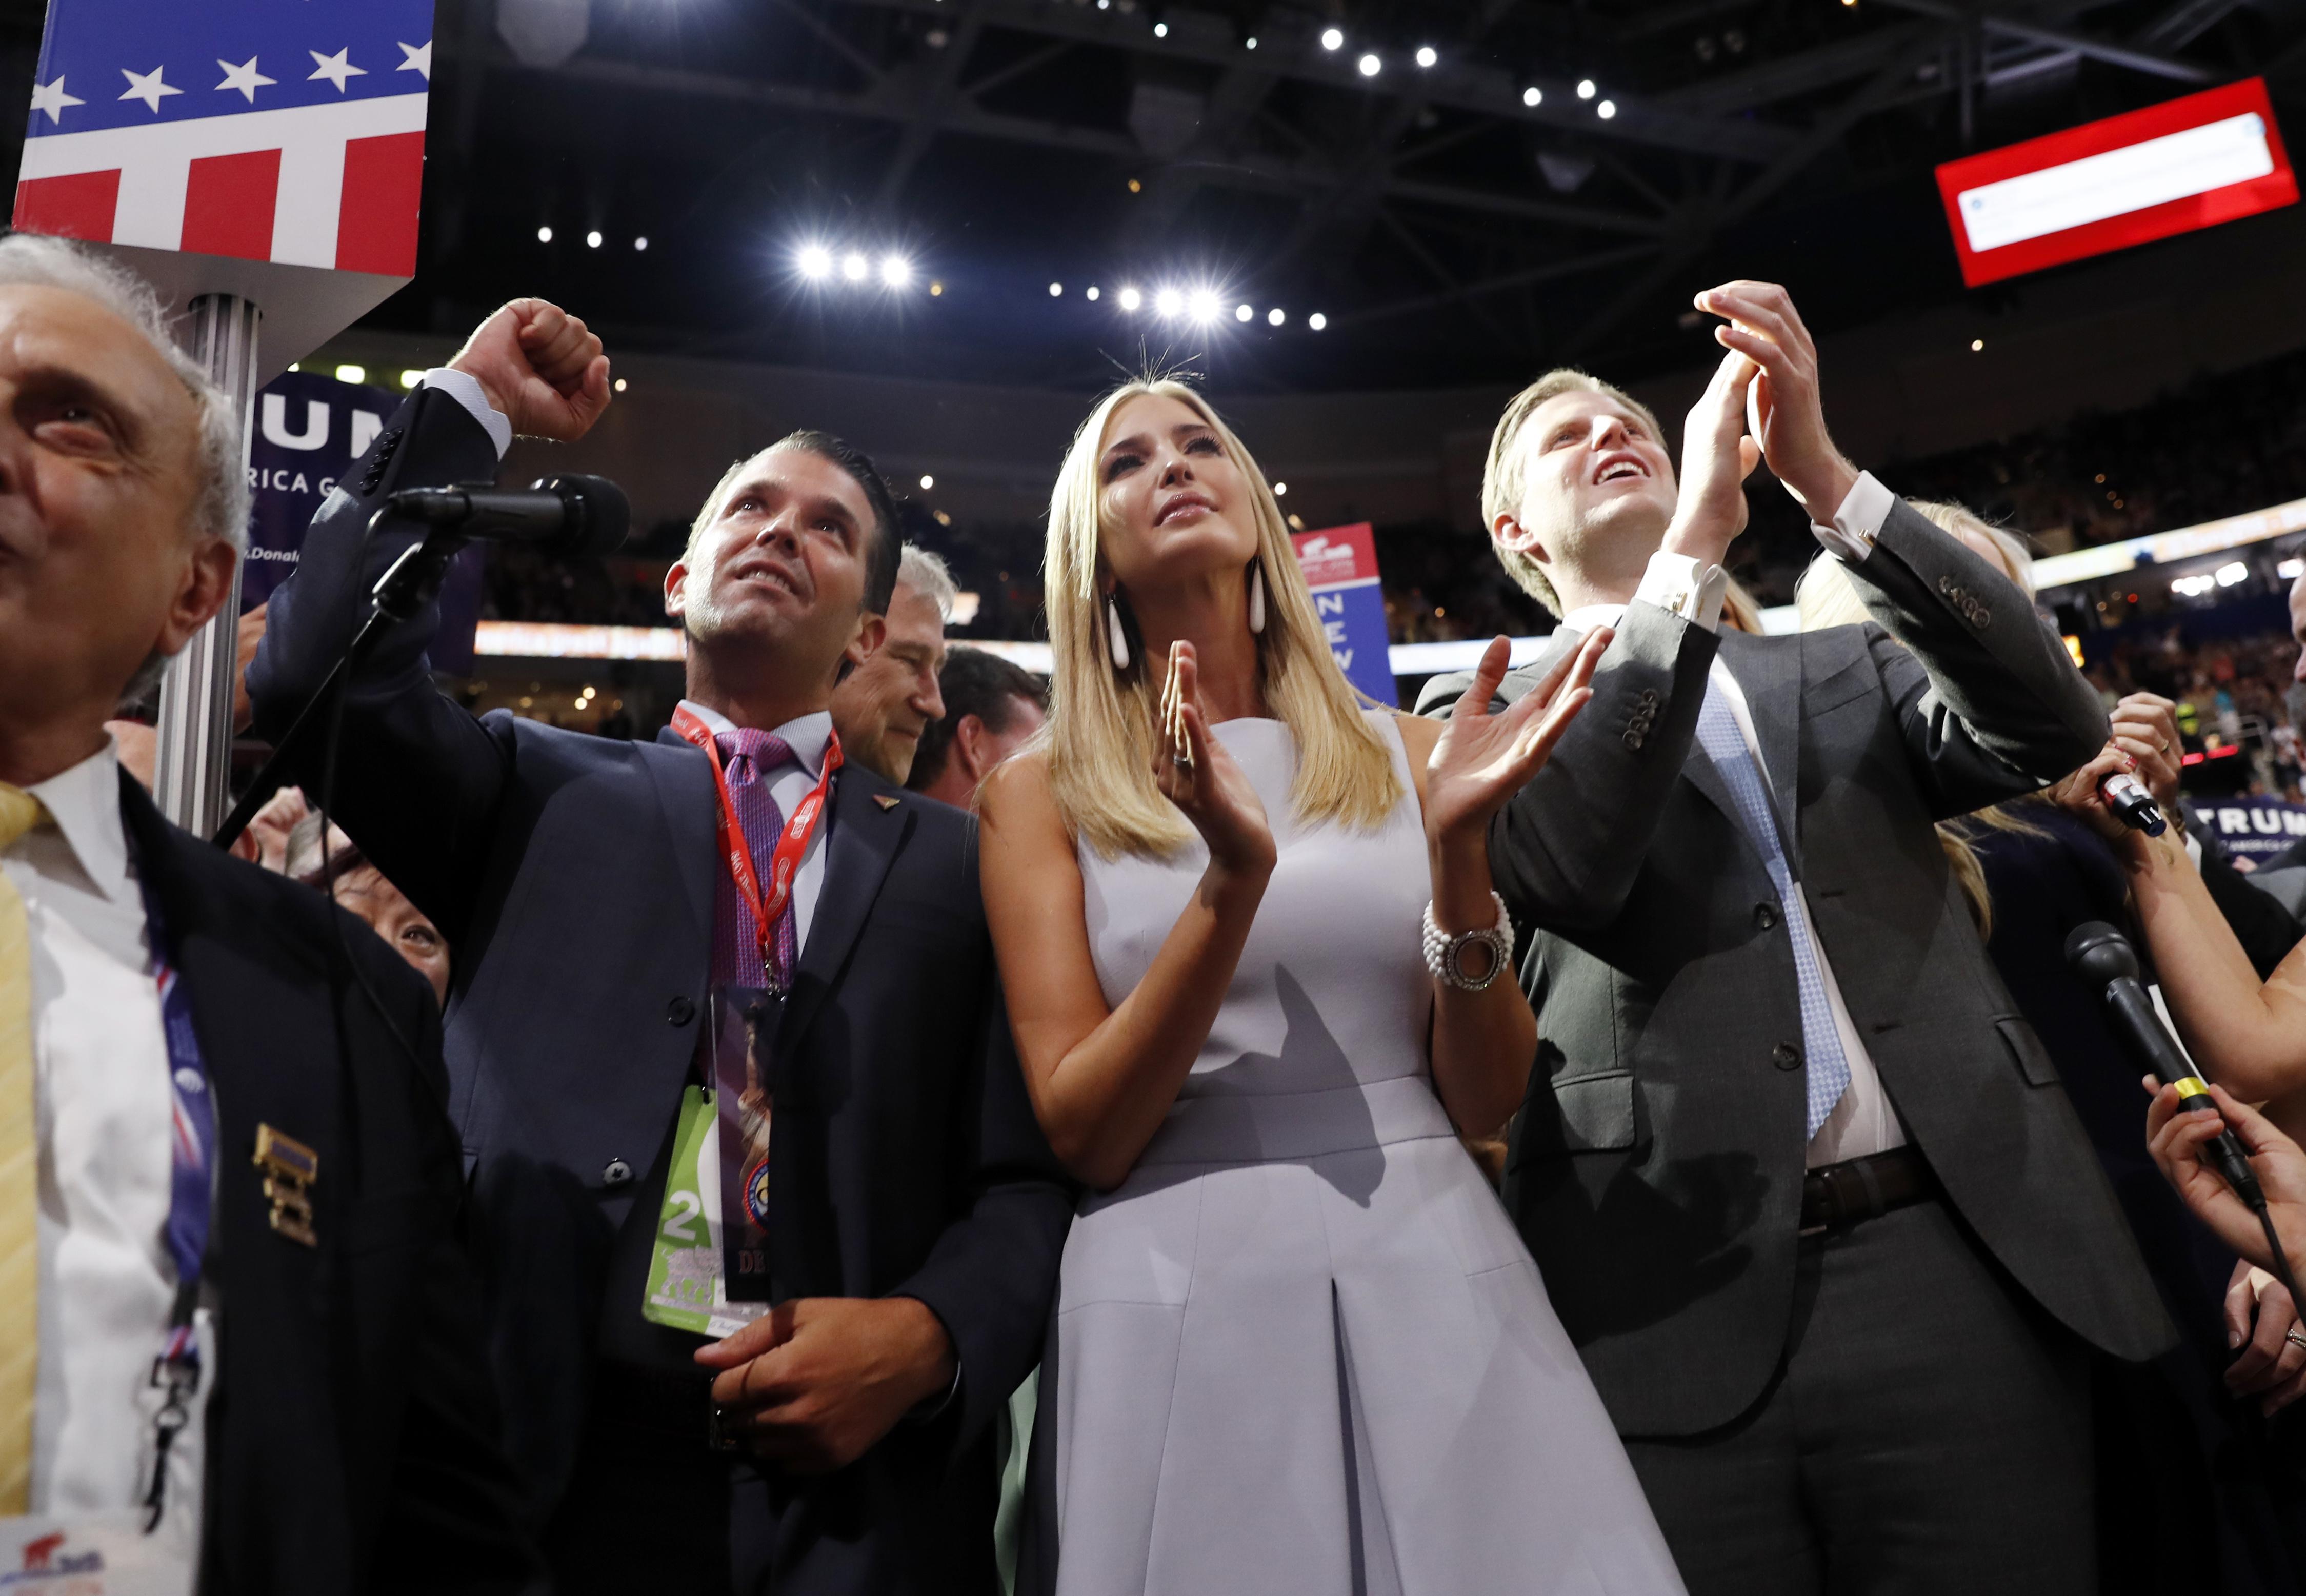 Donald Trump, Jr., Ivanka Trump, Eric Trump